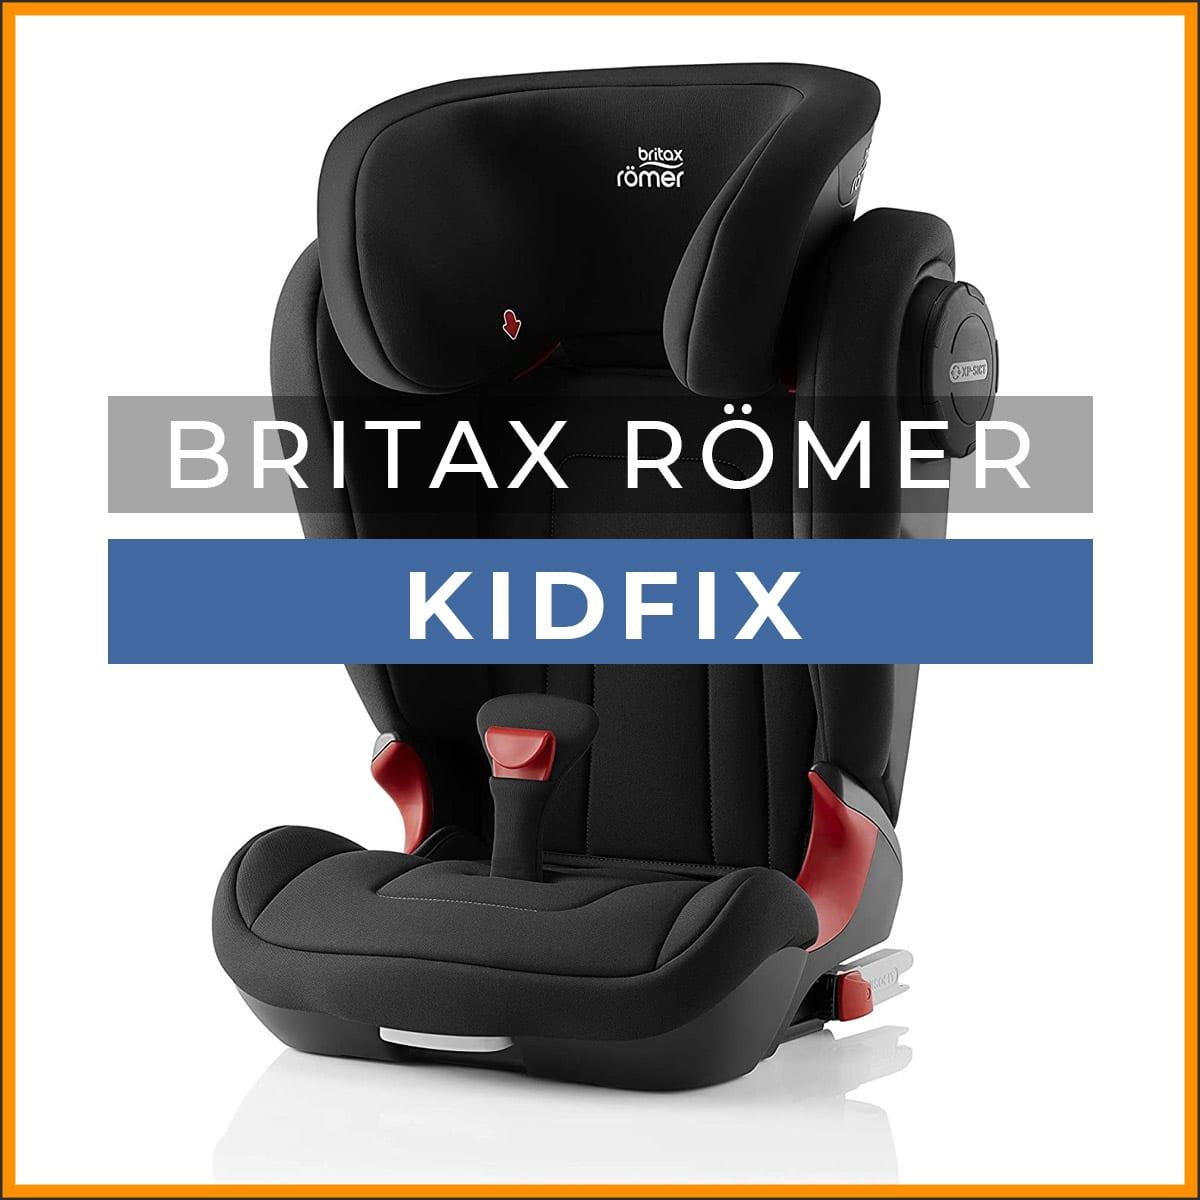 britax romer kidfix